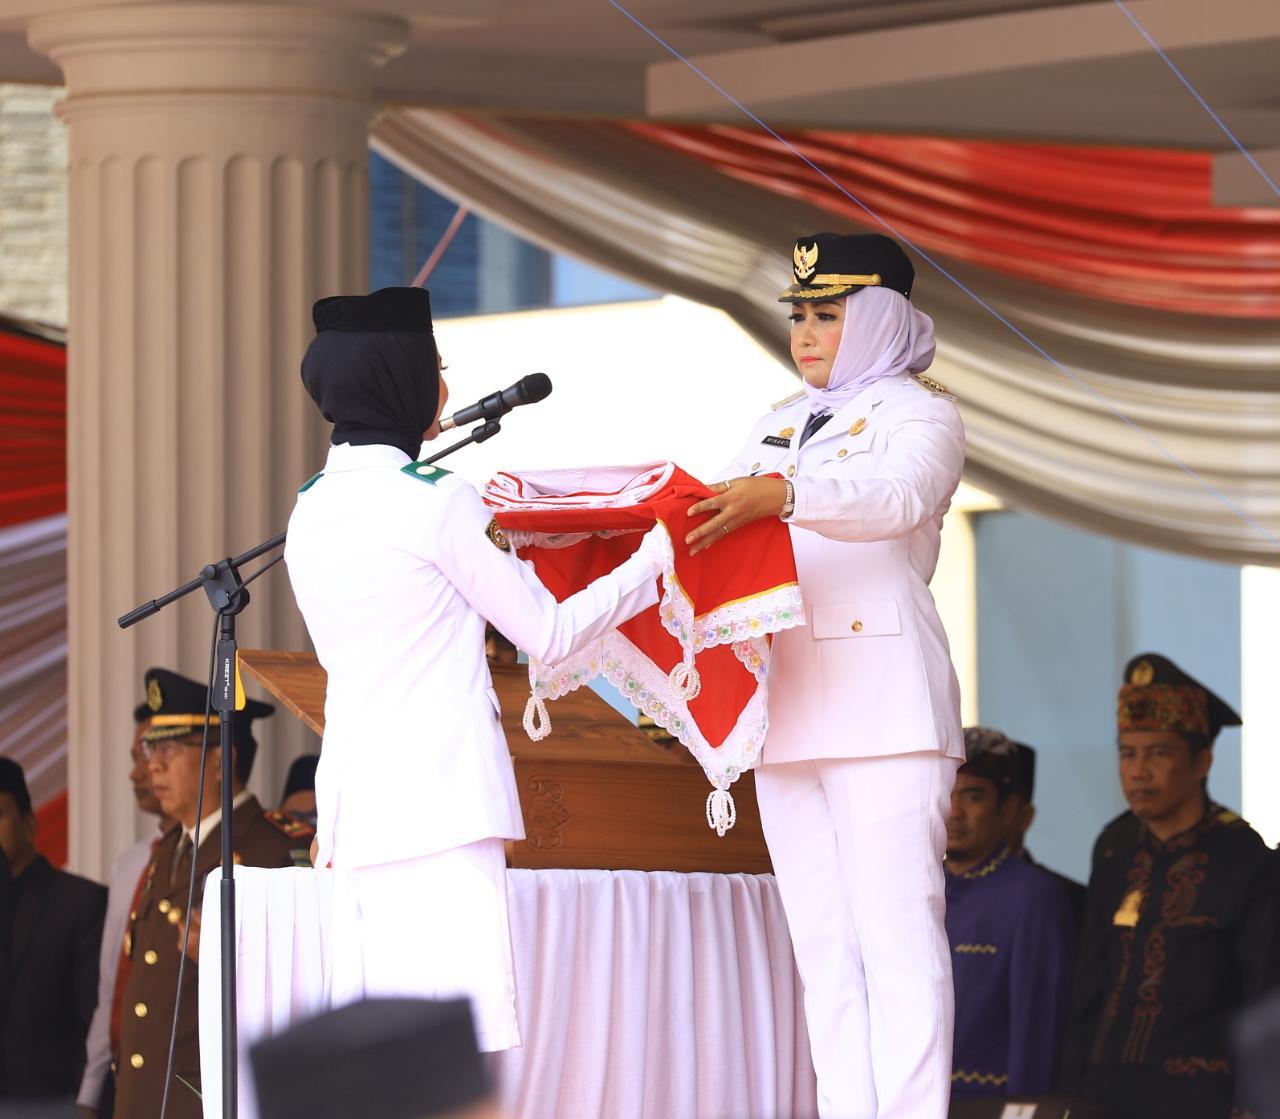 Bupati Winarti Pimpin Upacara HUT RI Ke-74, Beri Tali Asih Veteran dan Remisi Napi